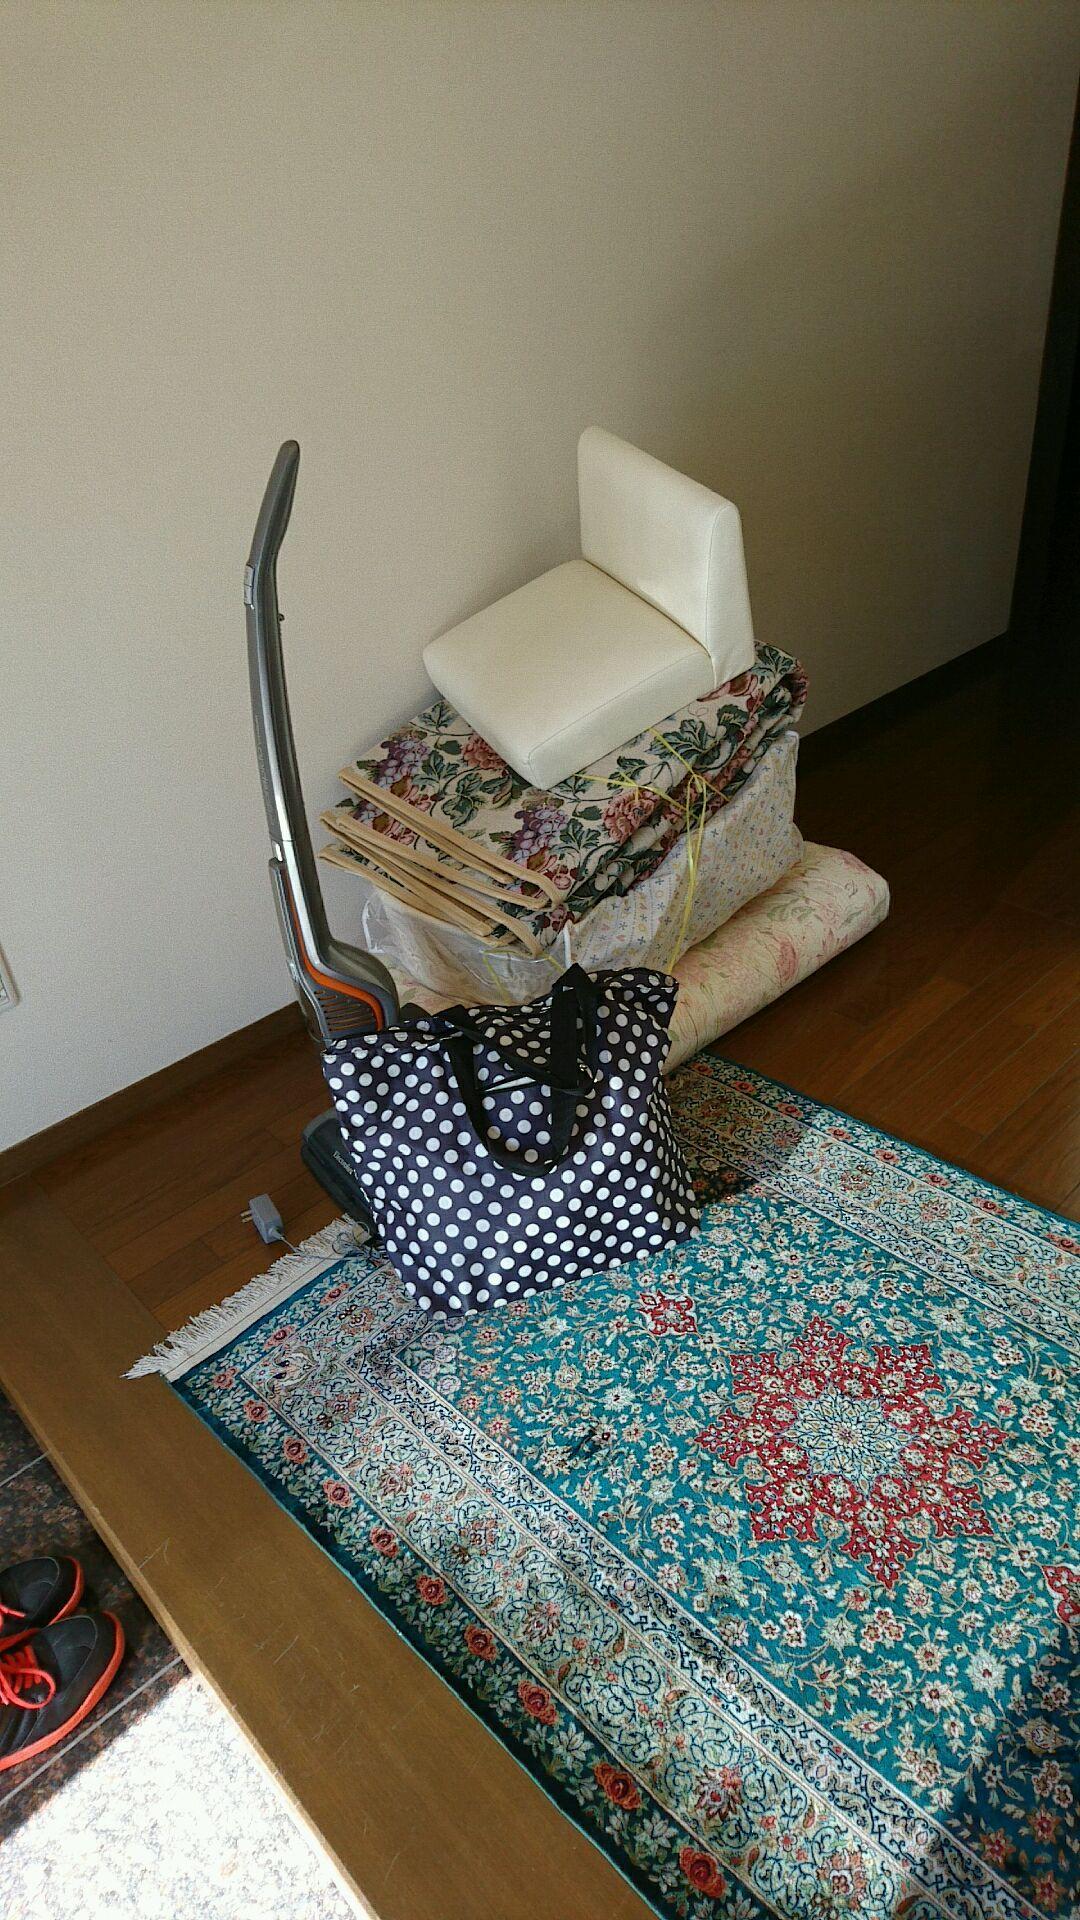 【愛知県名古屋市西区】壊れた掃除機と古くなった布団の不用品回収